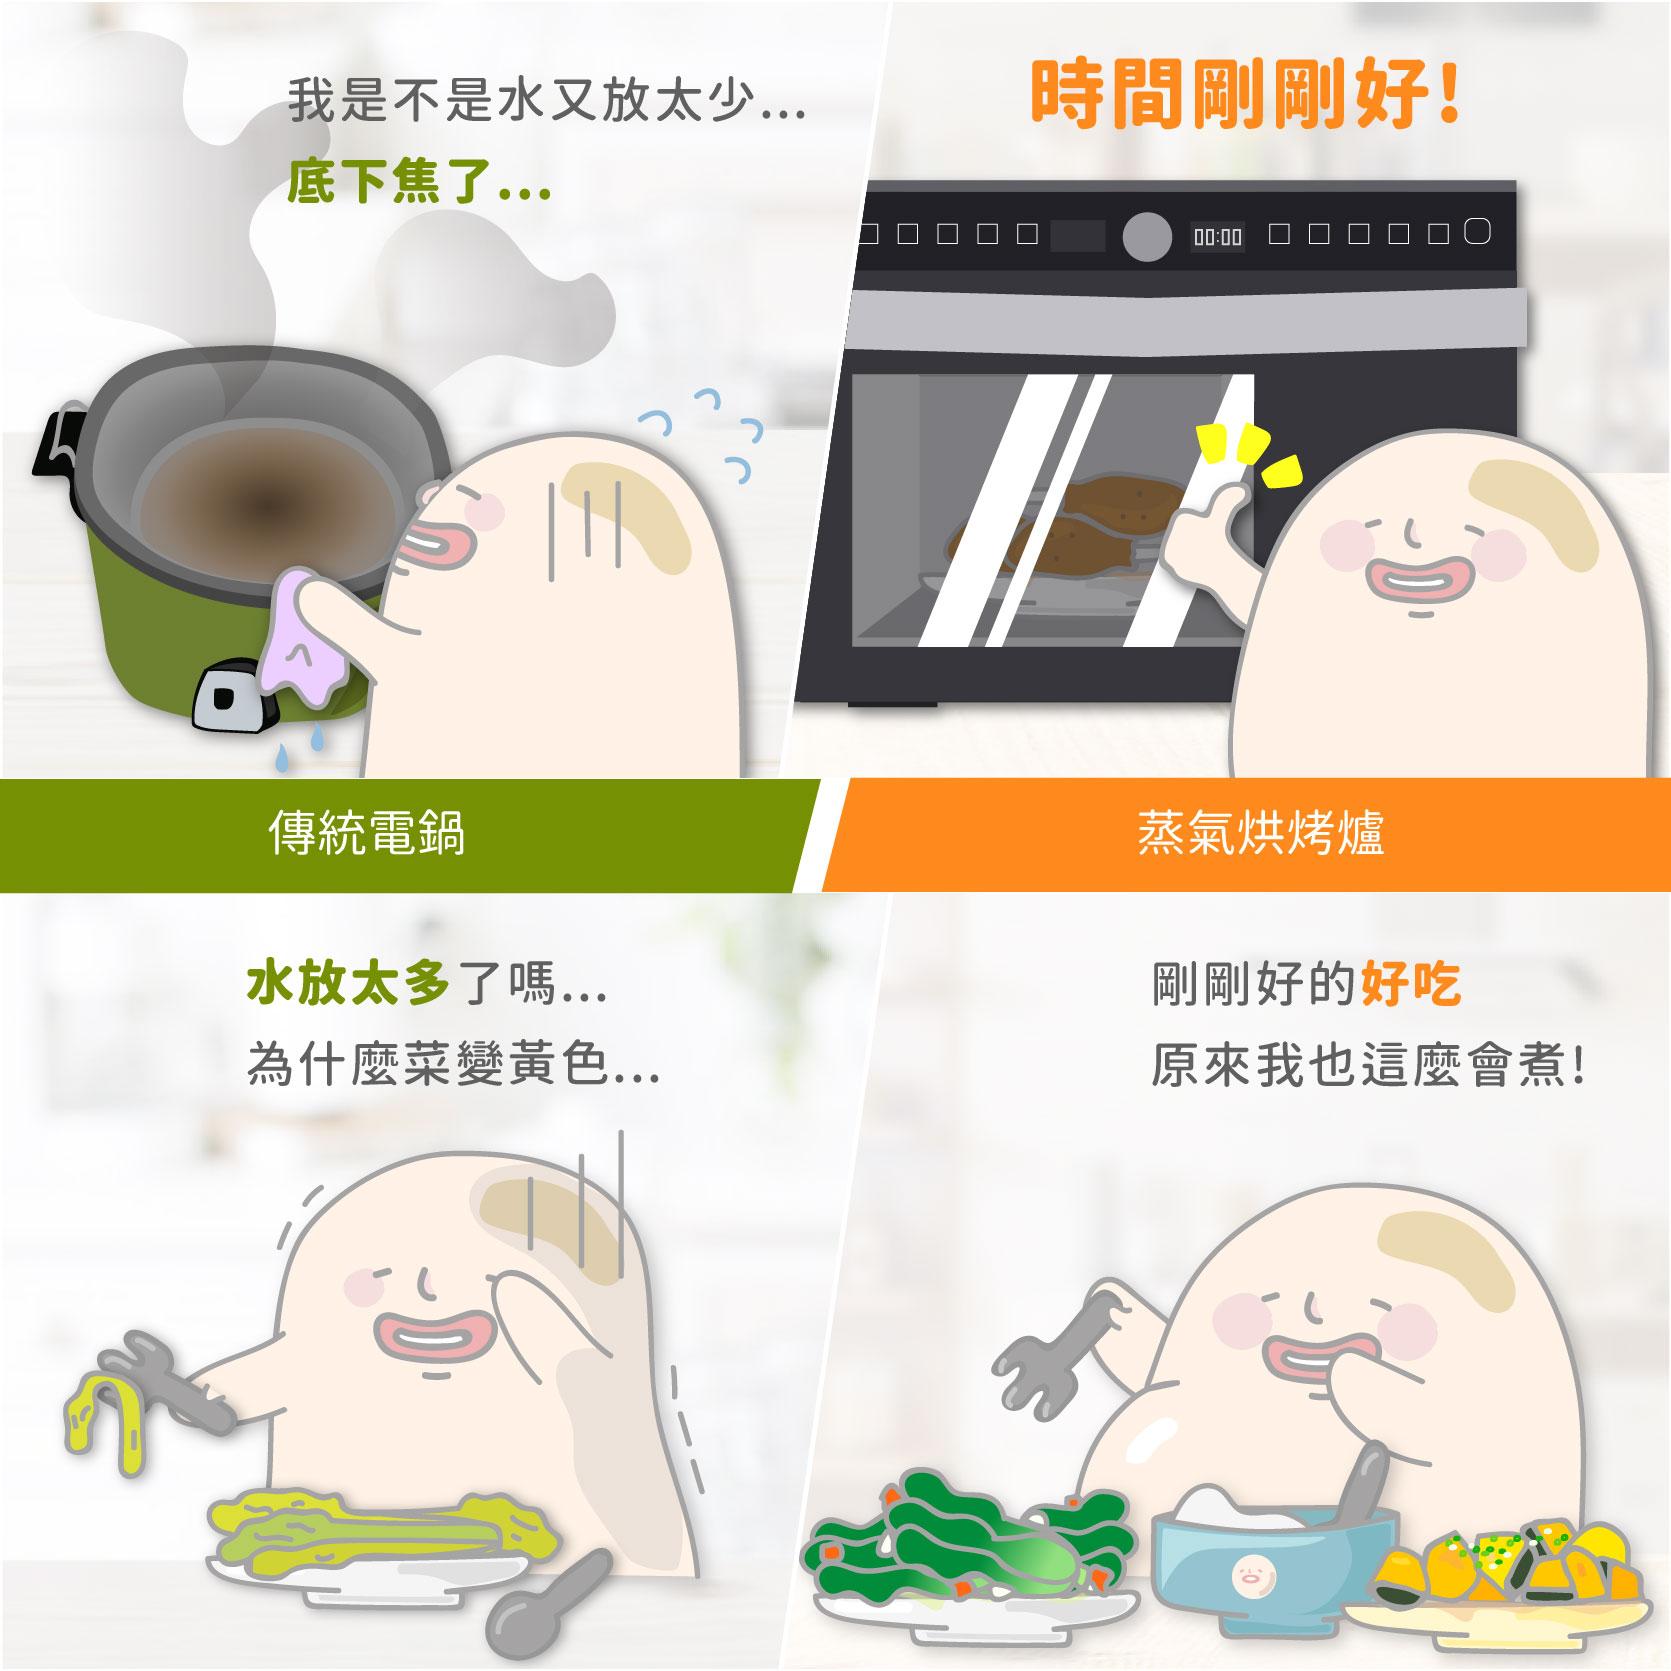 20200928蒸氣烤箱11